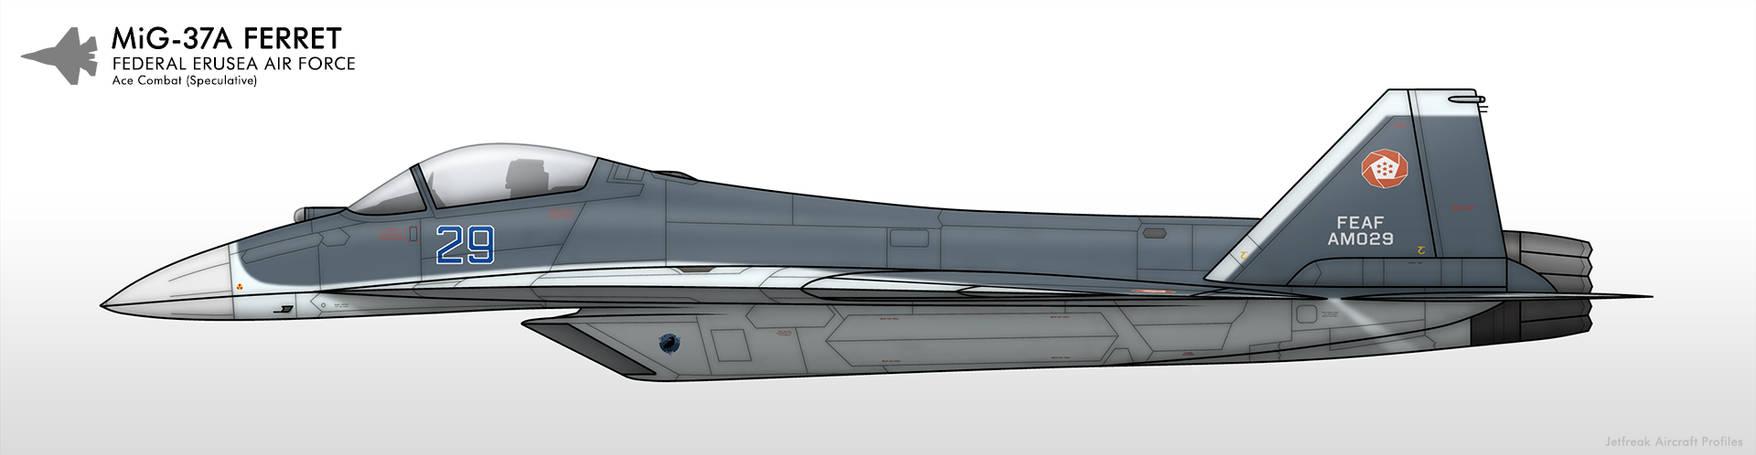 MiG-37A - Federal Erusea Air Force